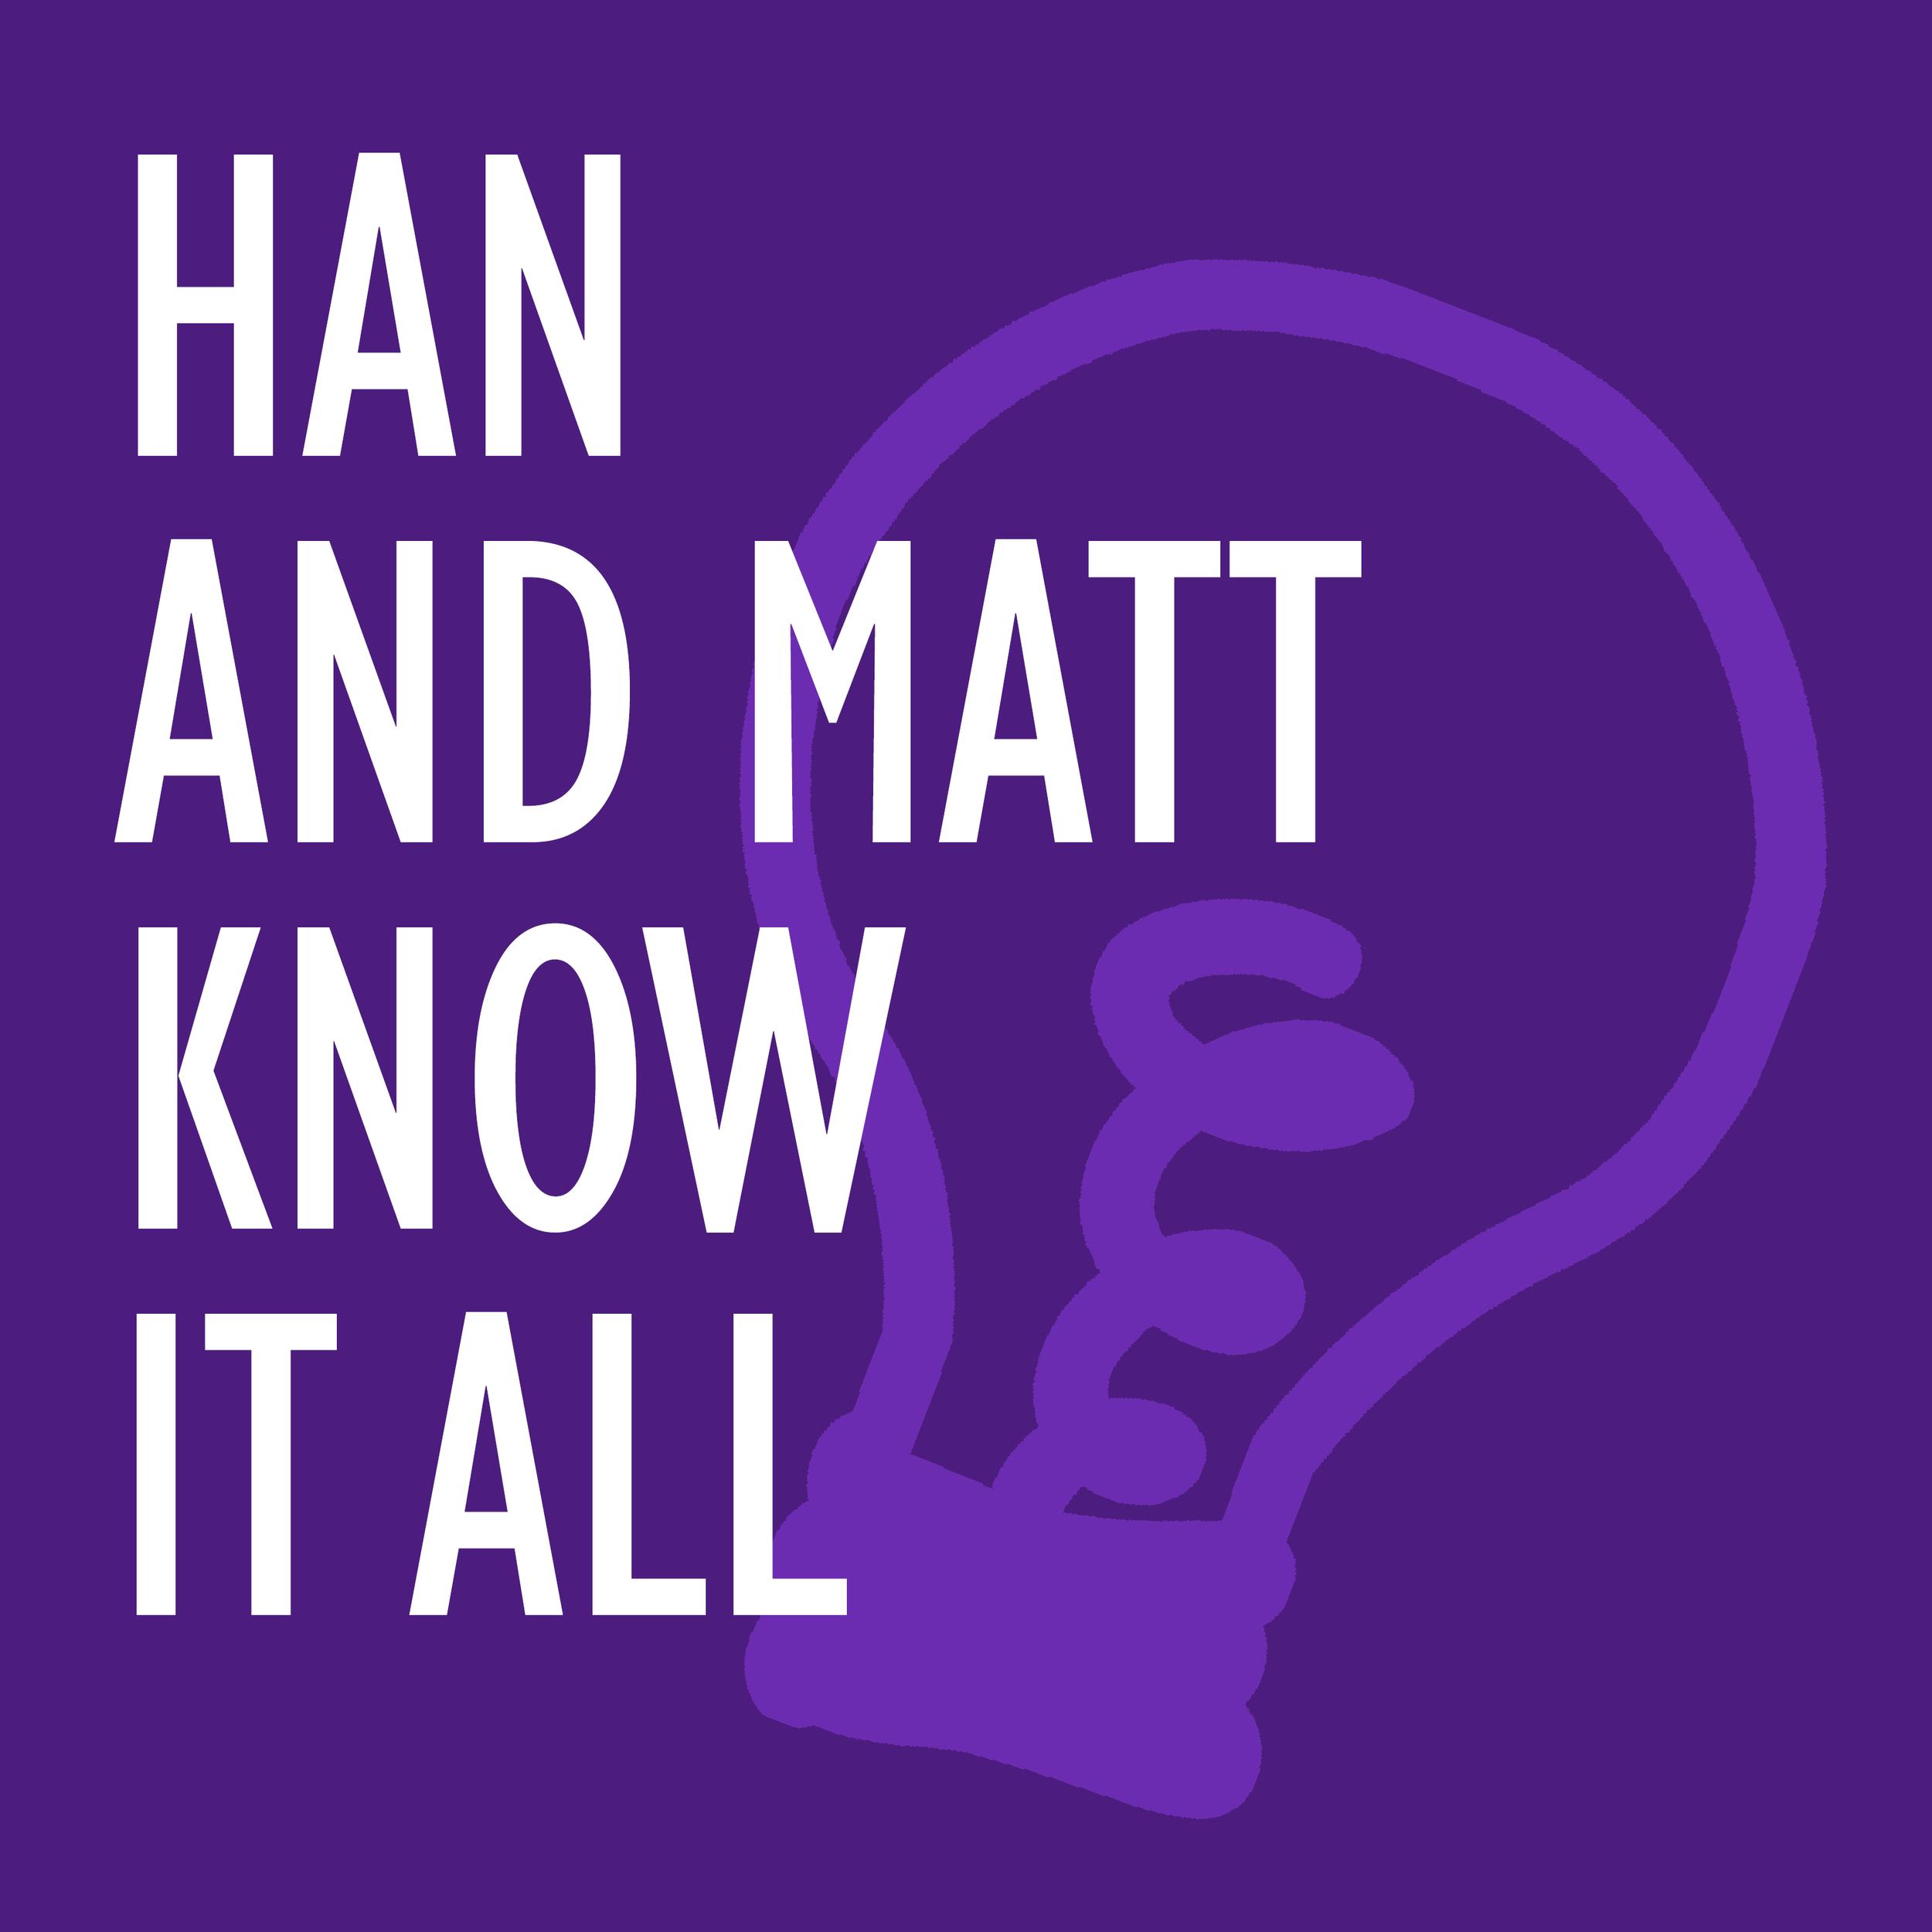 Han and Matt Logo 3000 x 3000